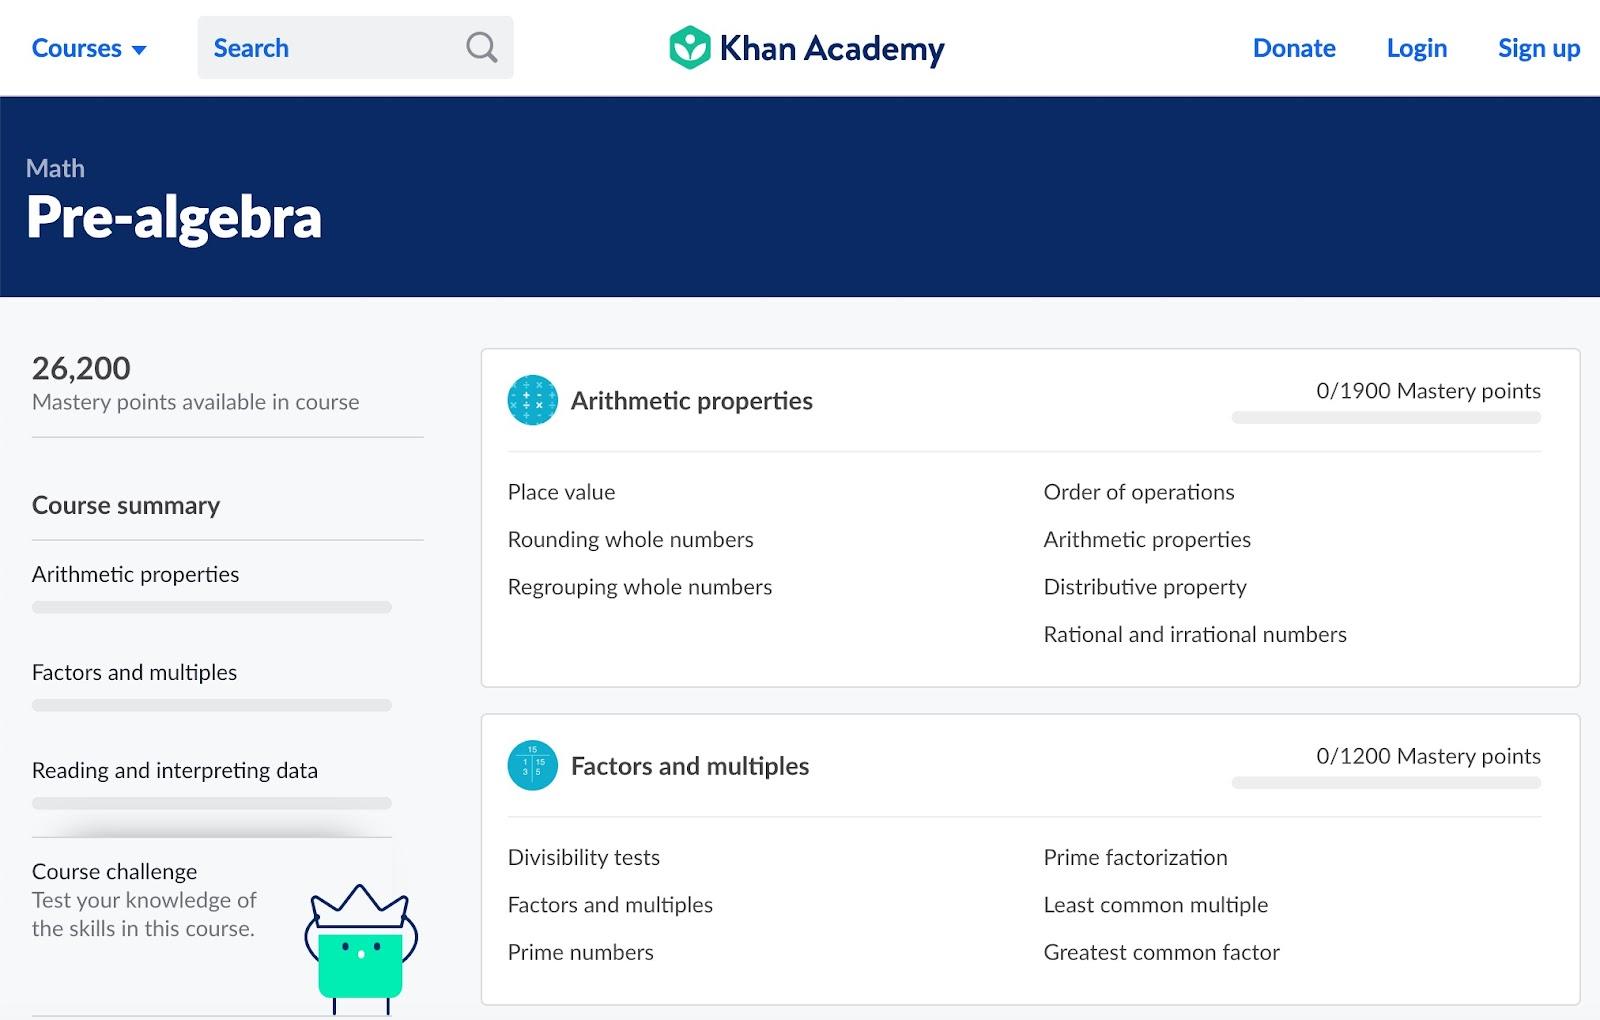 Khan Academy courses.